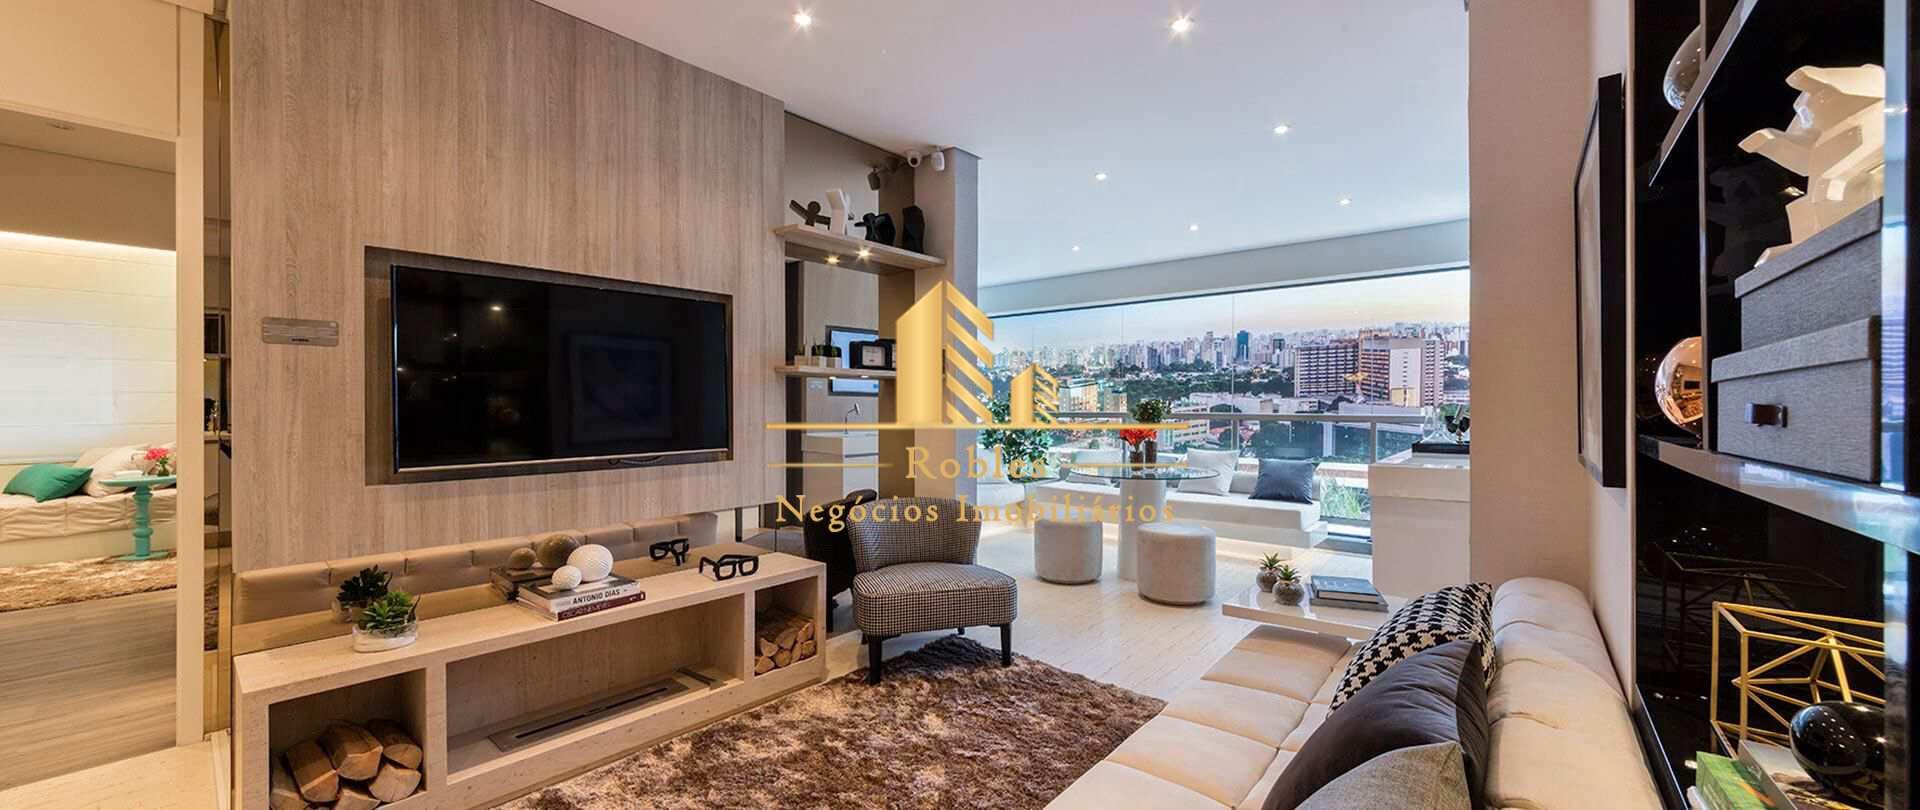 Apartamento com 3 dorms, Vila Clementino, São Paulo - R$ 1.55 mi, Cod: 498